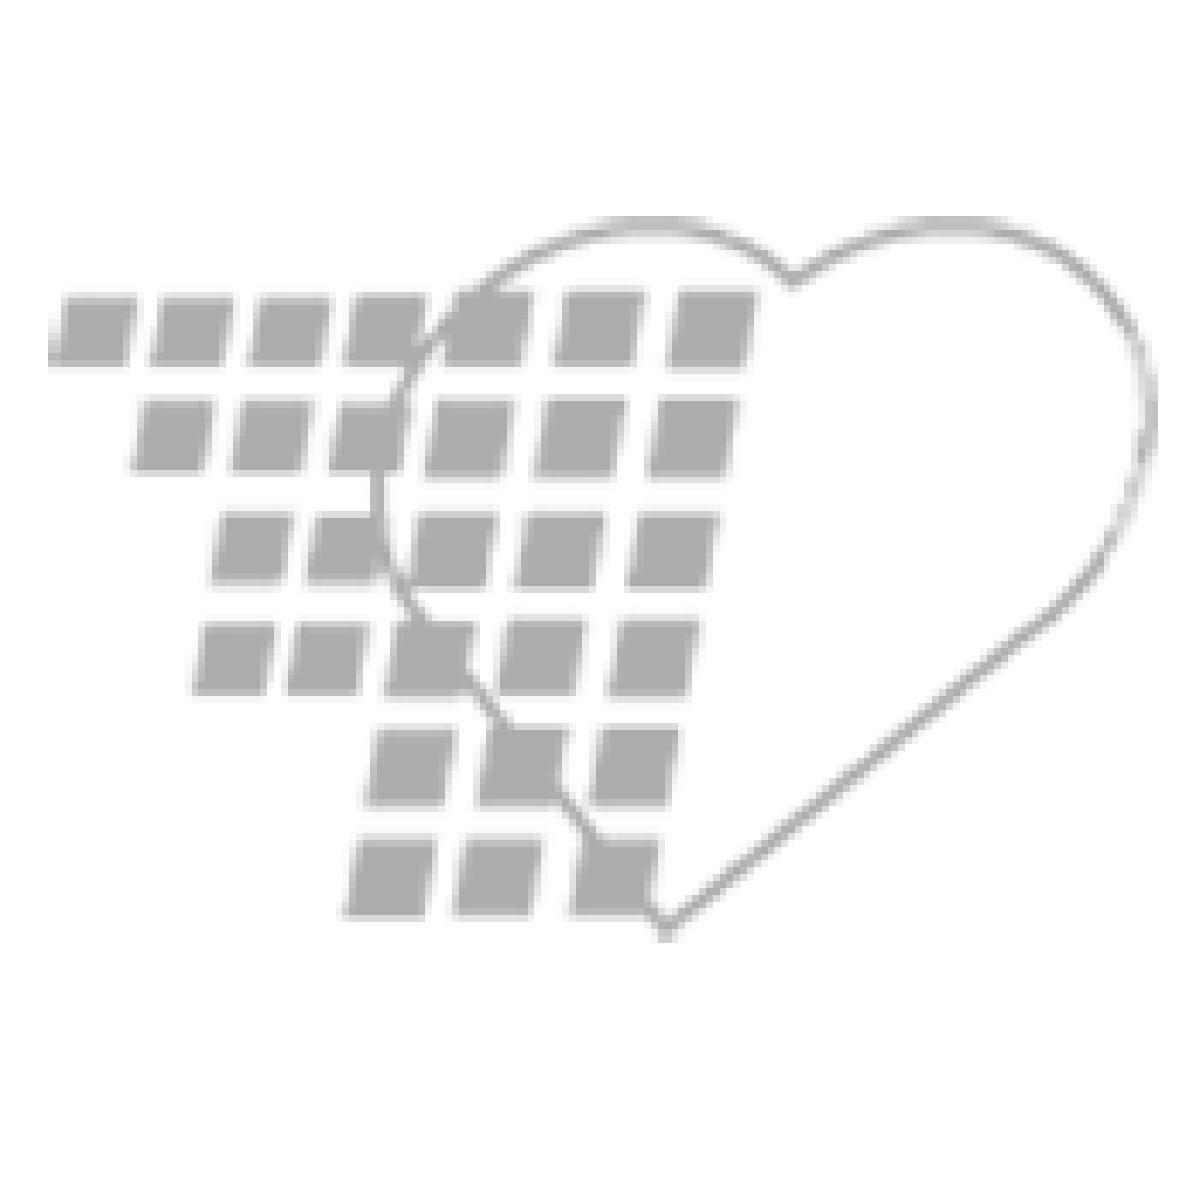 05-44-0300 - Laerdal Stifneck® No-Neck Collar Adult